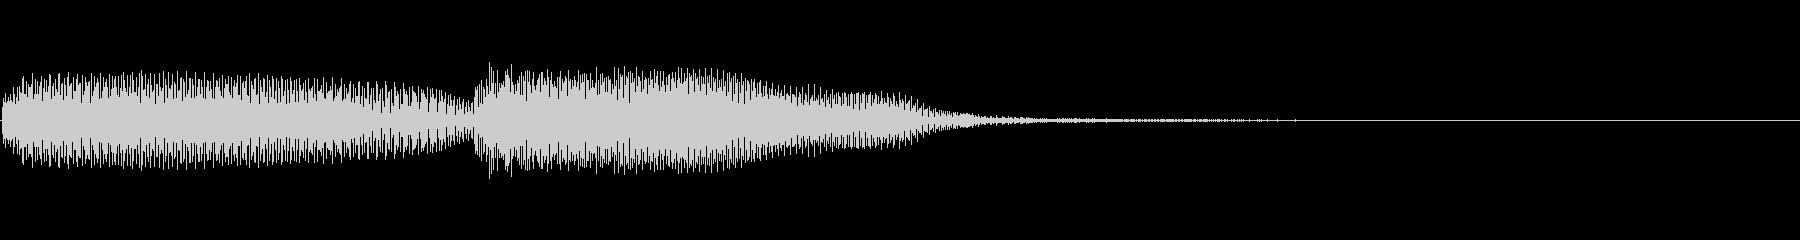 ピポ(タップ・お知らせ・通知音)の未再生の波形